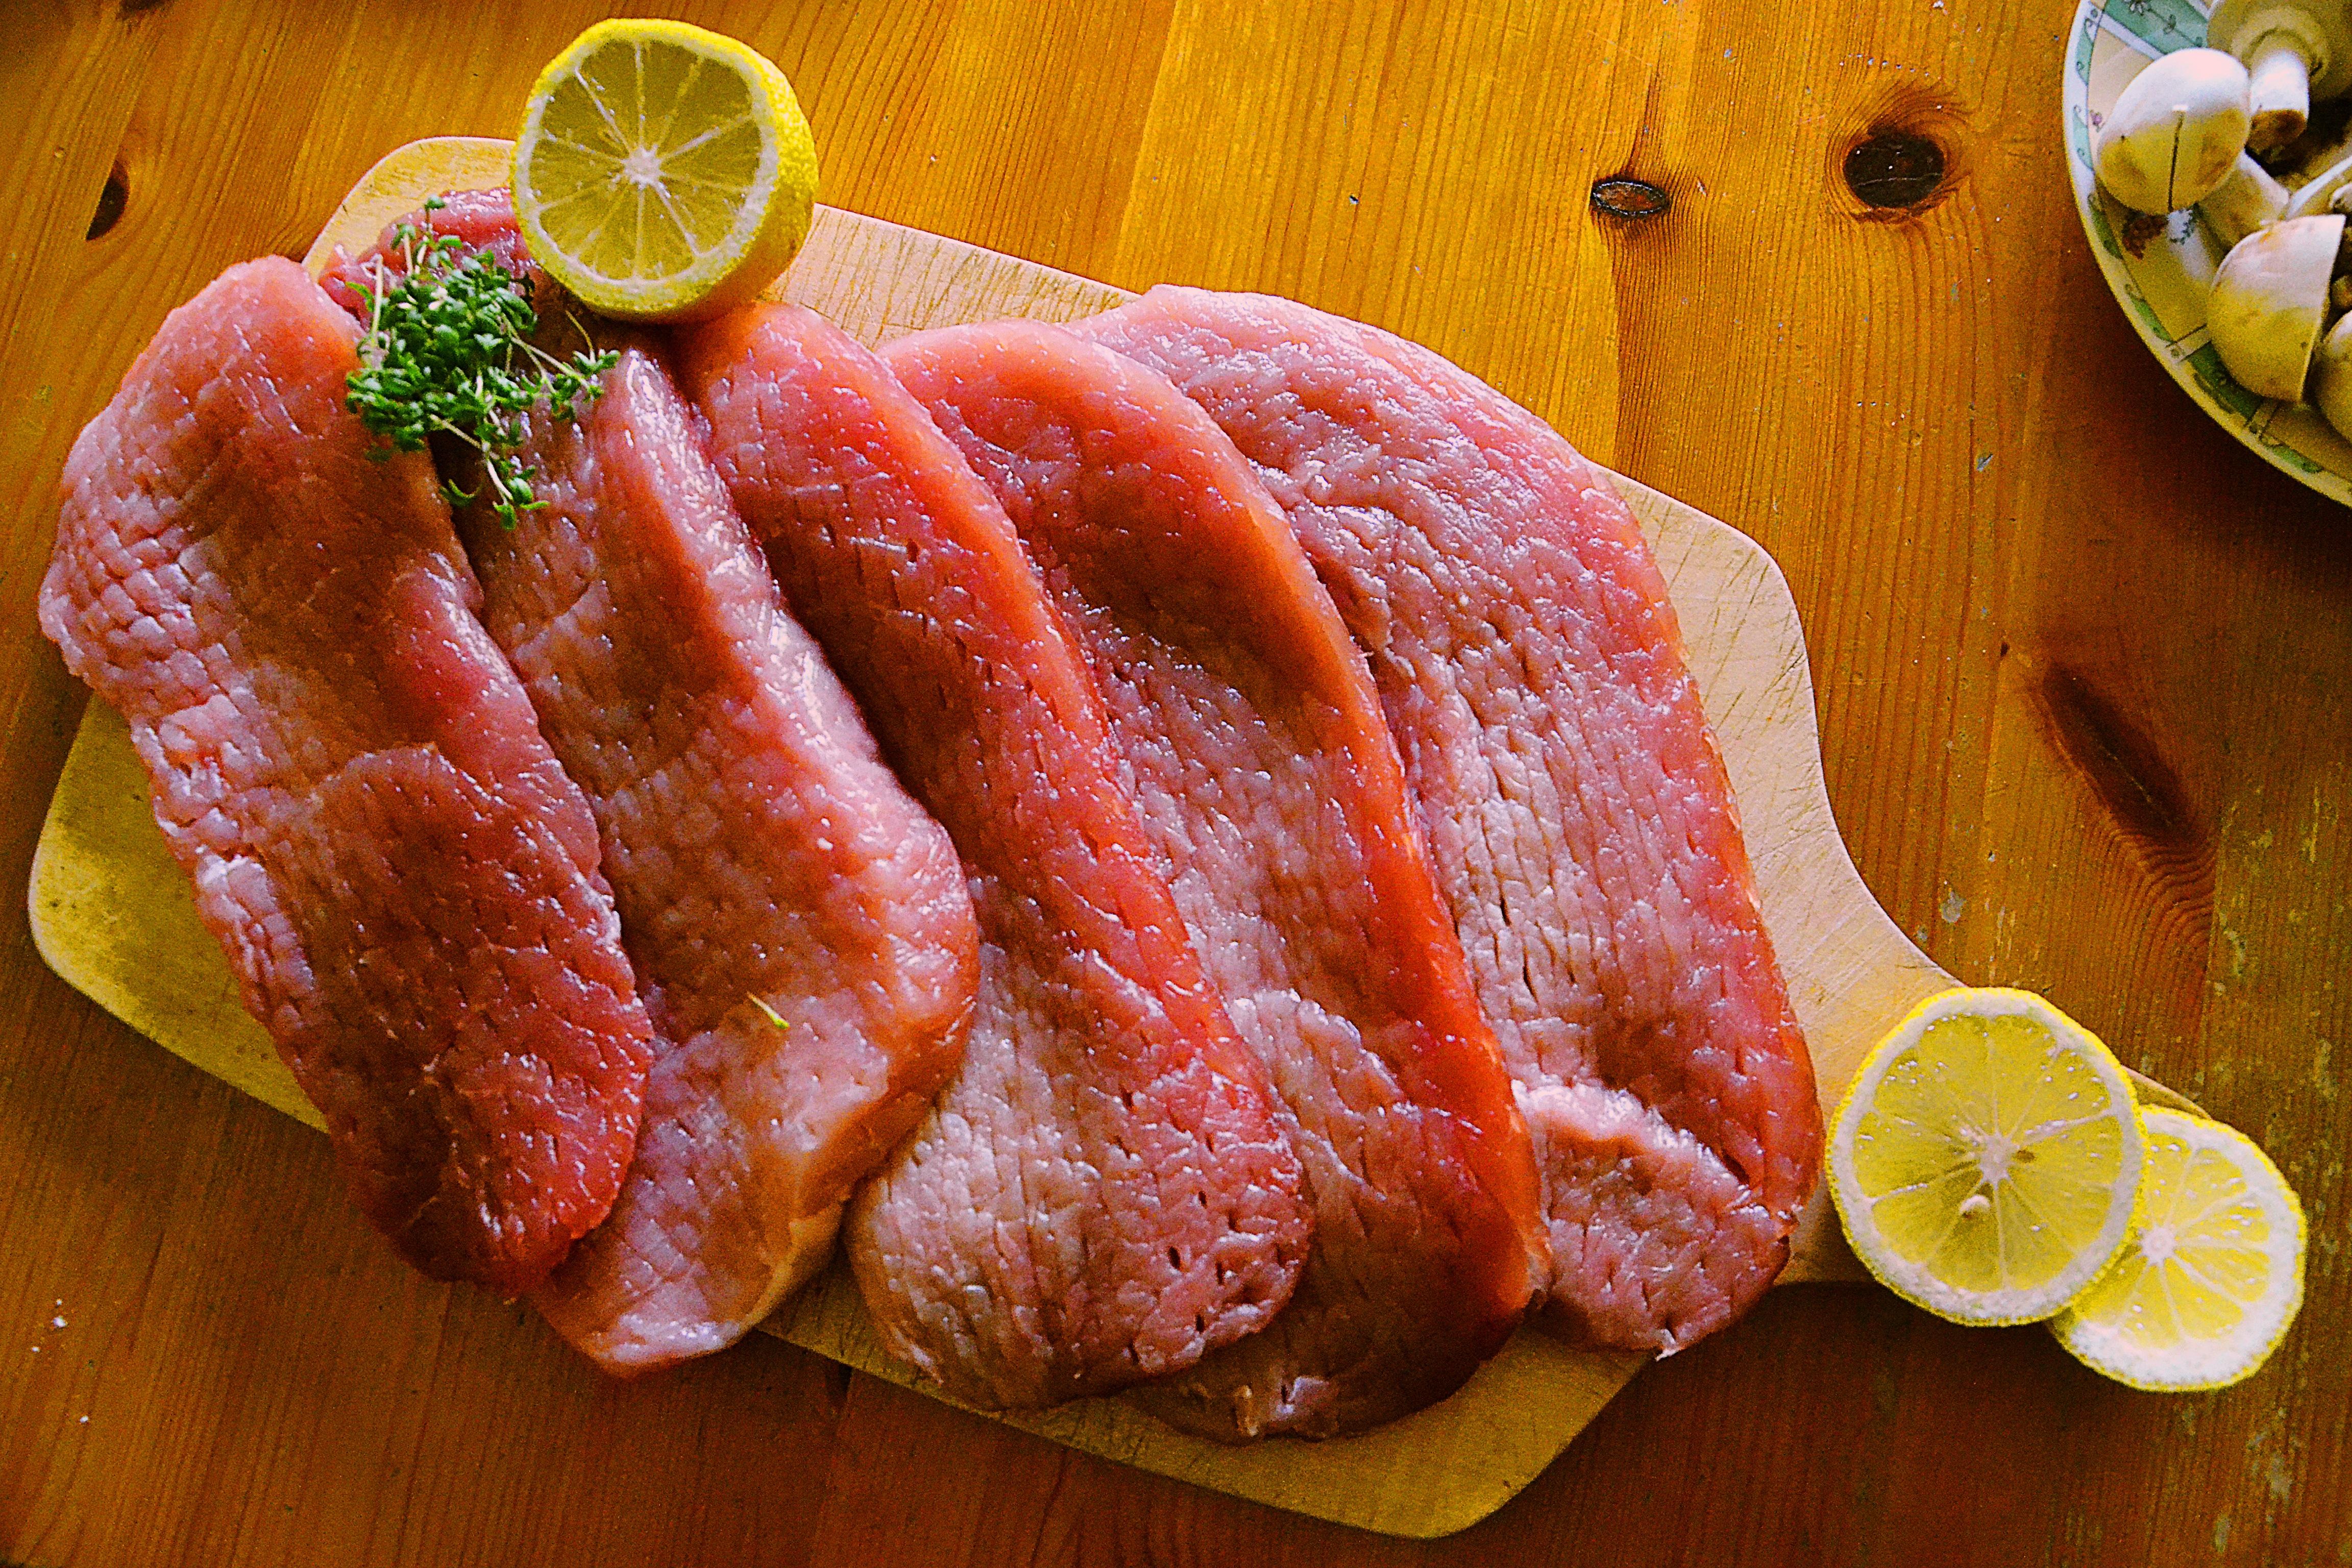 Zjadłam mięso po latach wegetarianizmu